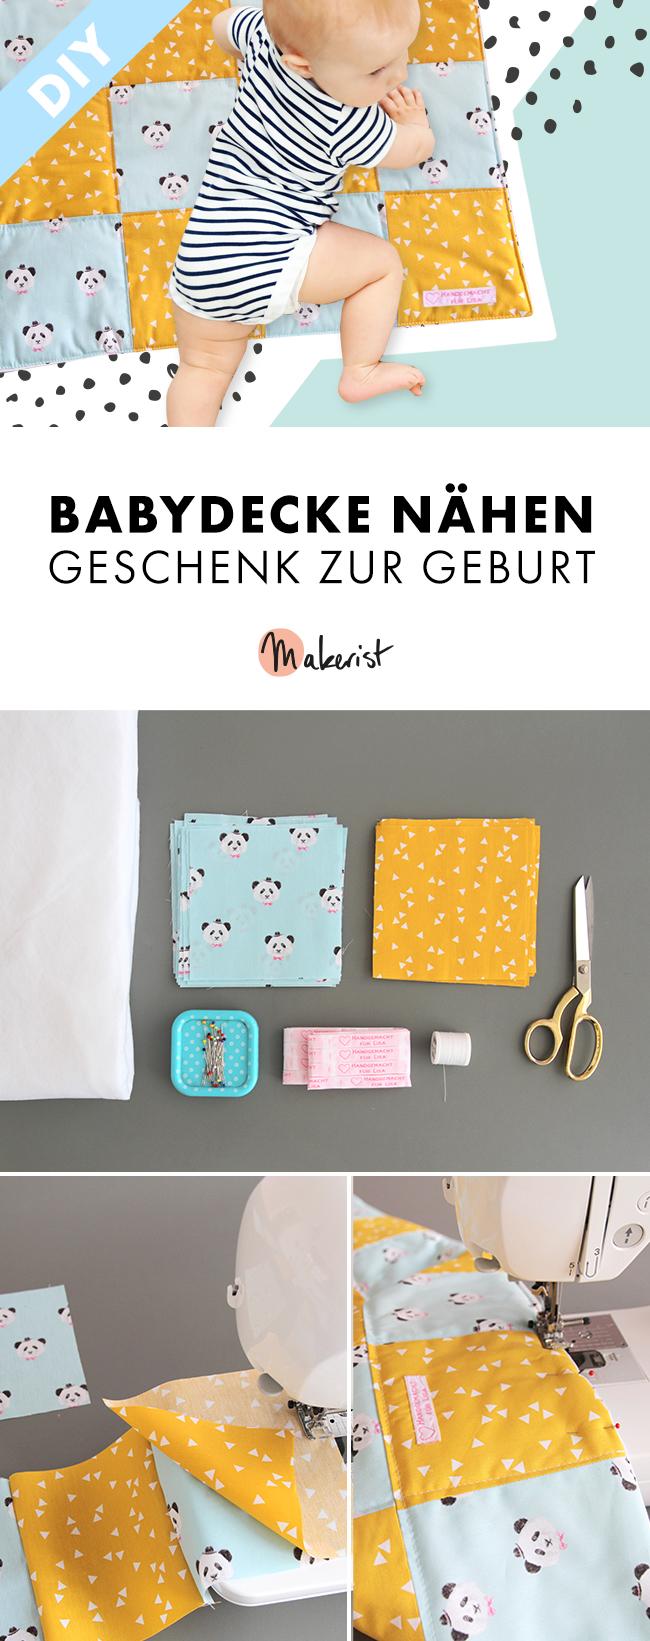 Makerist-DIY-Geschenk zur Geburt-Babydecke nähen (43)